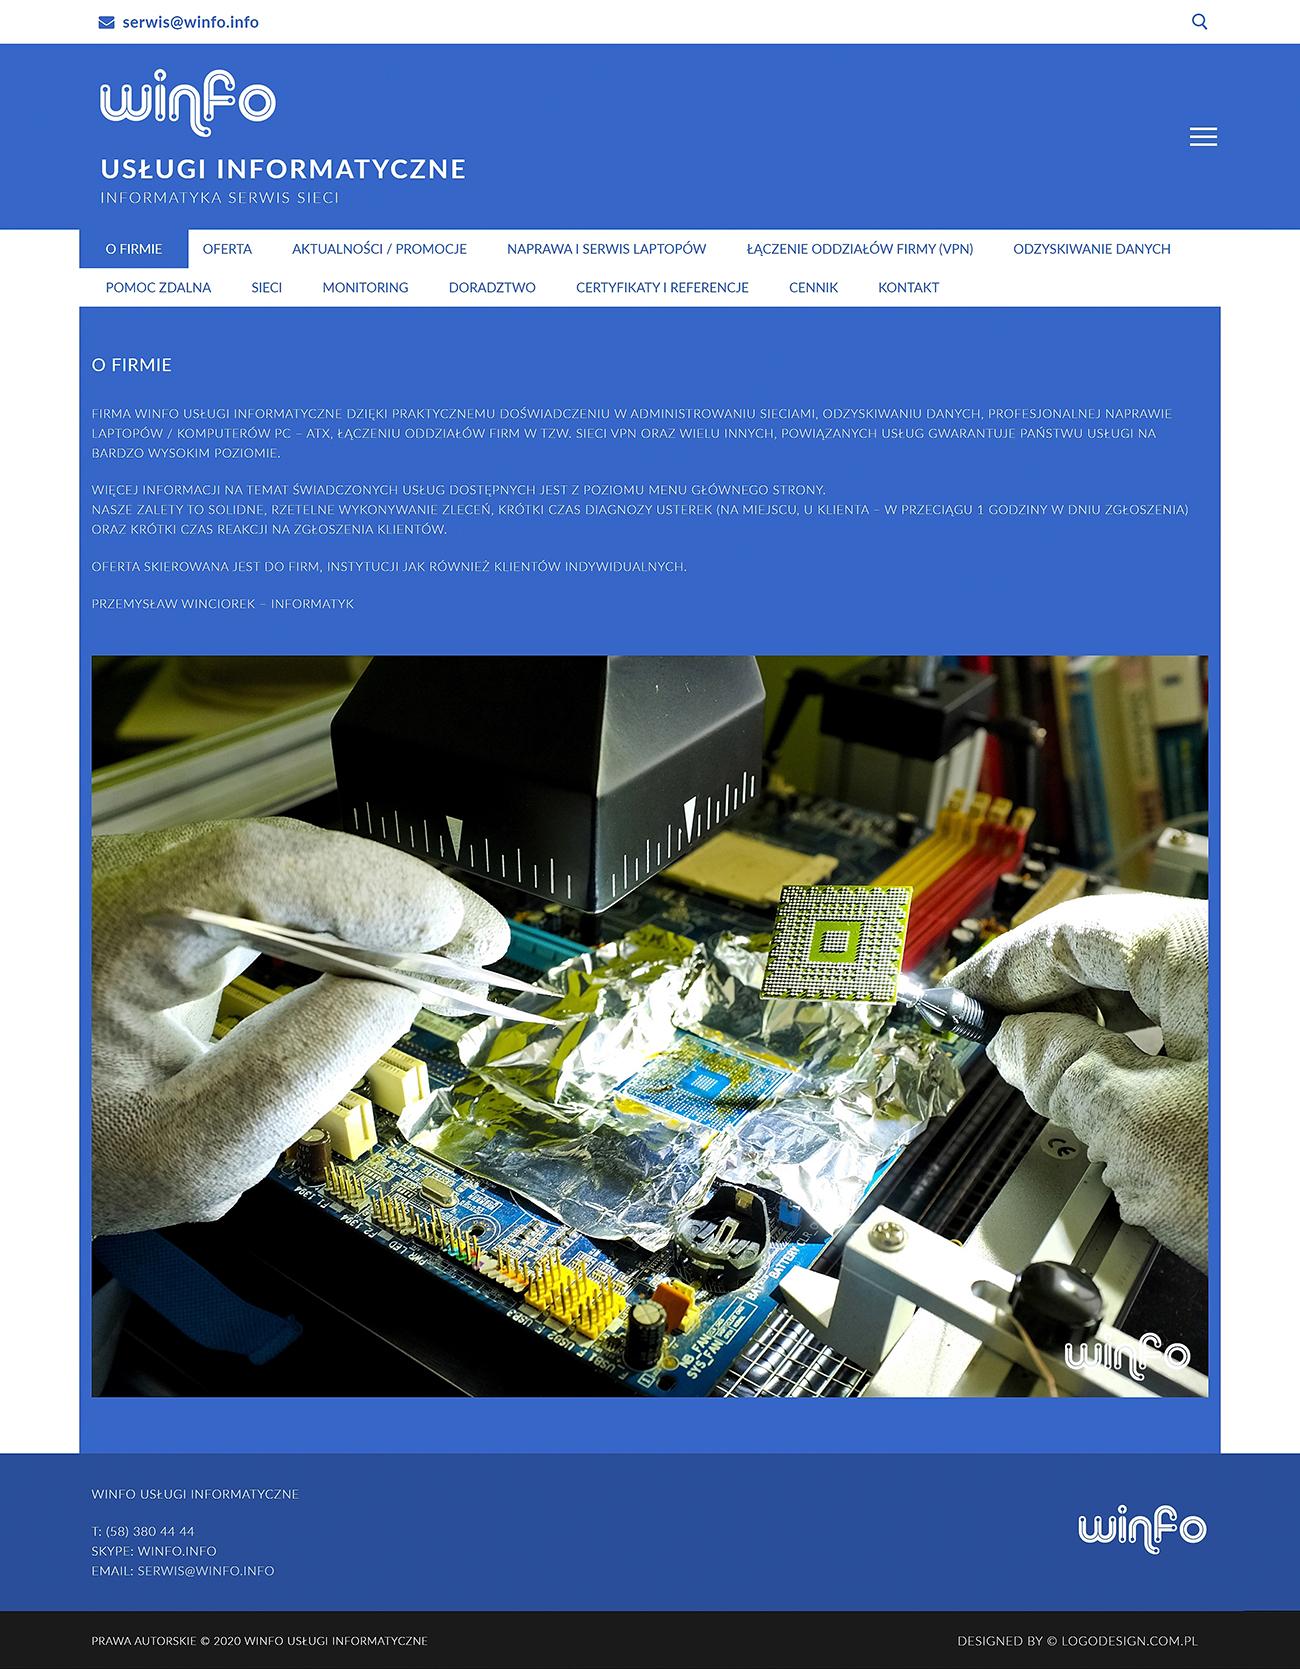 Projekt strony internetowej WINFO Usługi Informatyczne